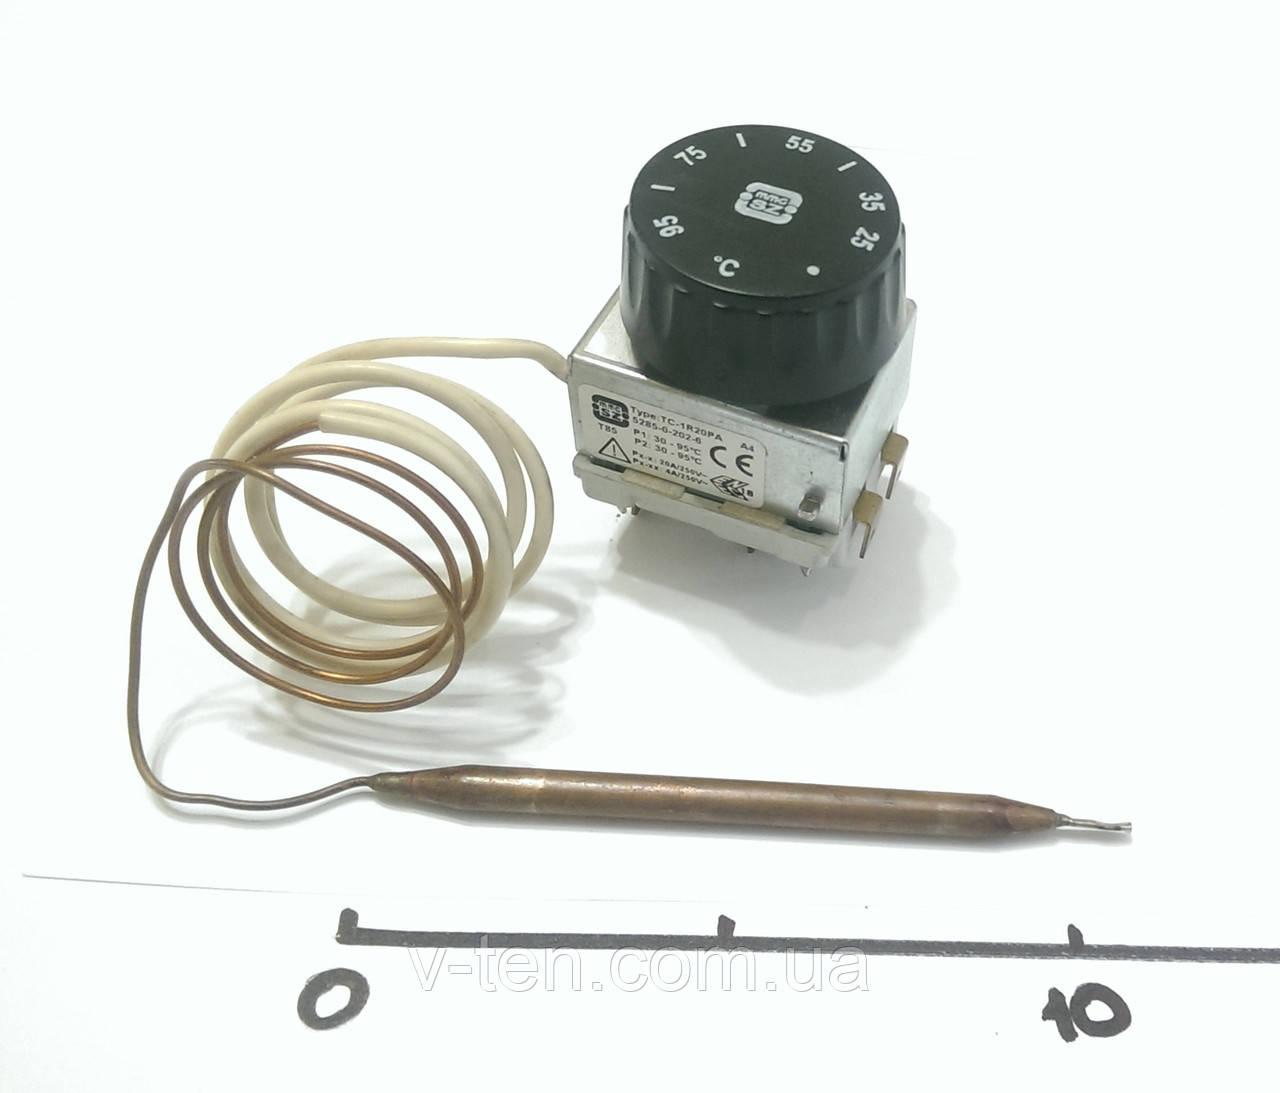 Терморегулятор 30-95°C двухполюсный капиллярный MMG (Венгрия)